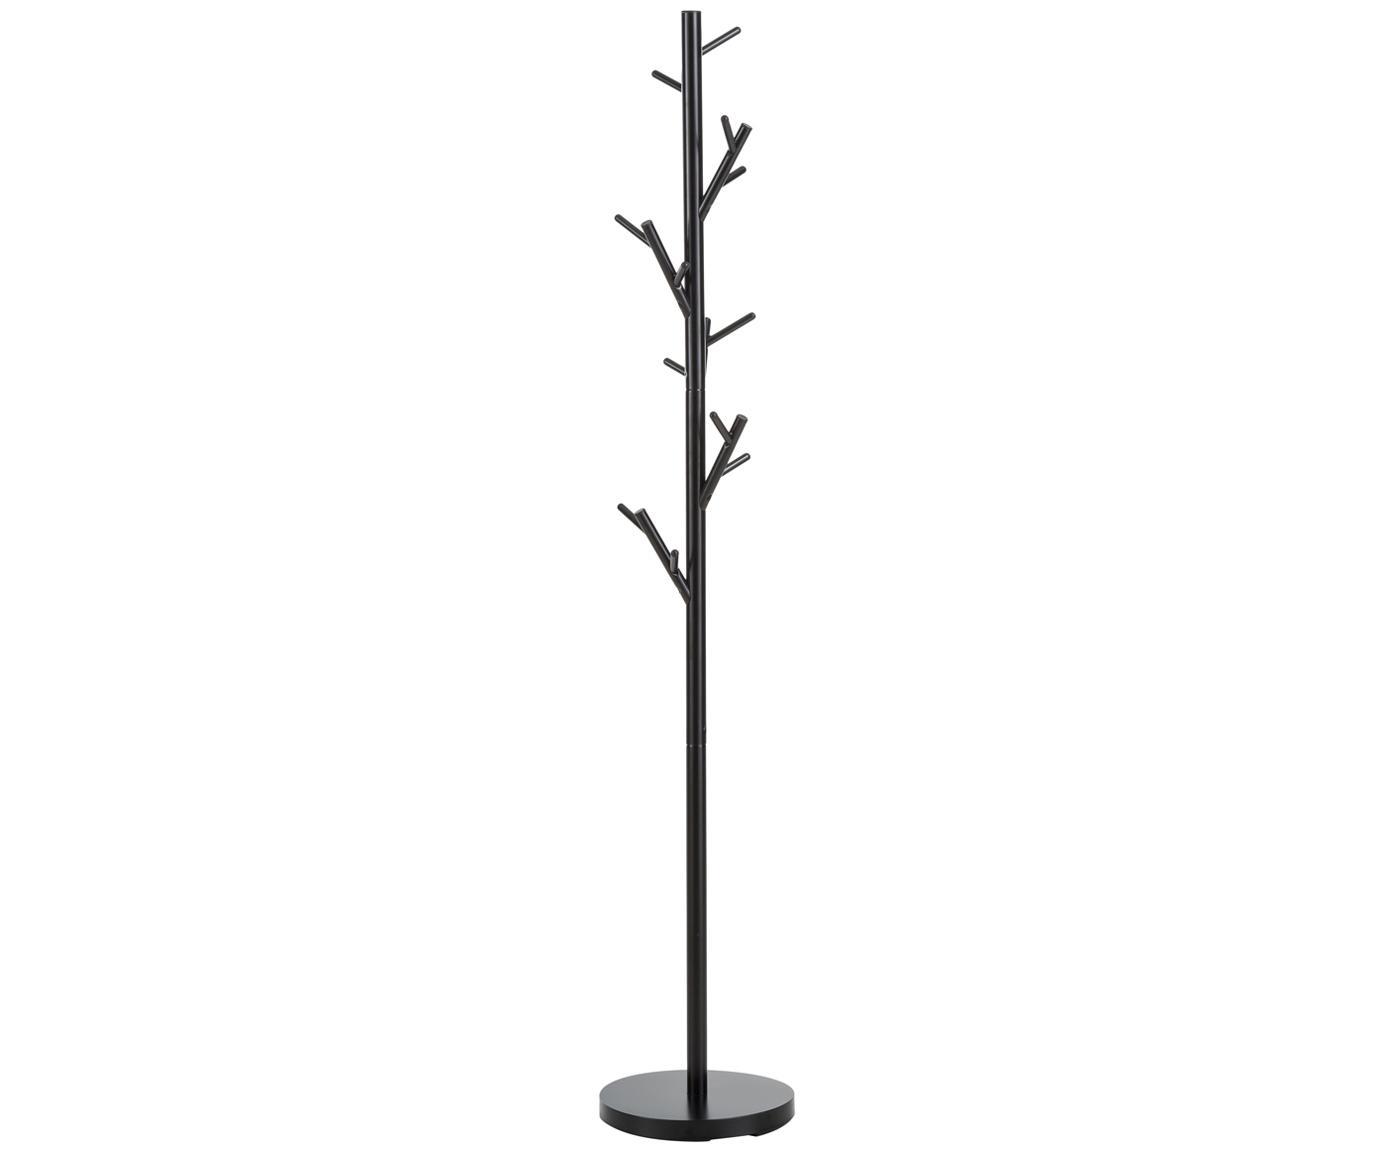 Appendiabiti Tree, Tubolare in acciaio, verniciato a polvere, Nero, Ø 28 x Alt. 170 cm